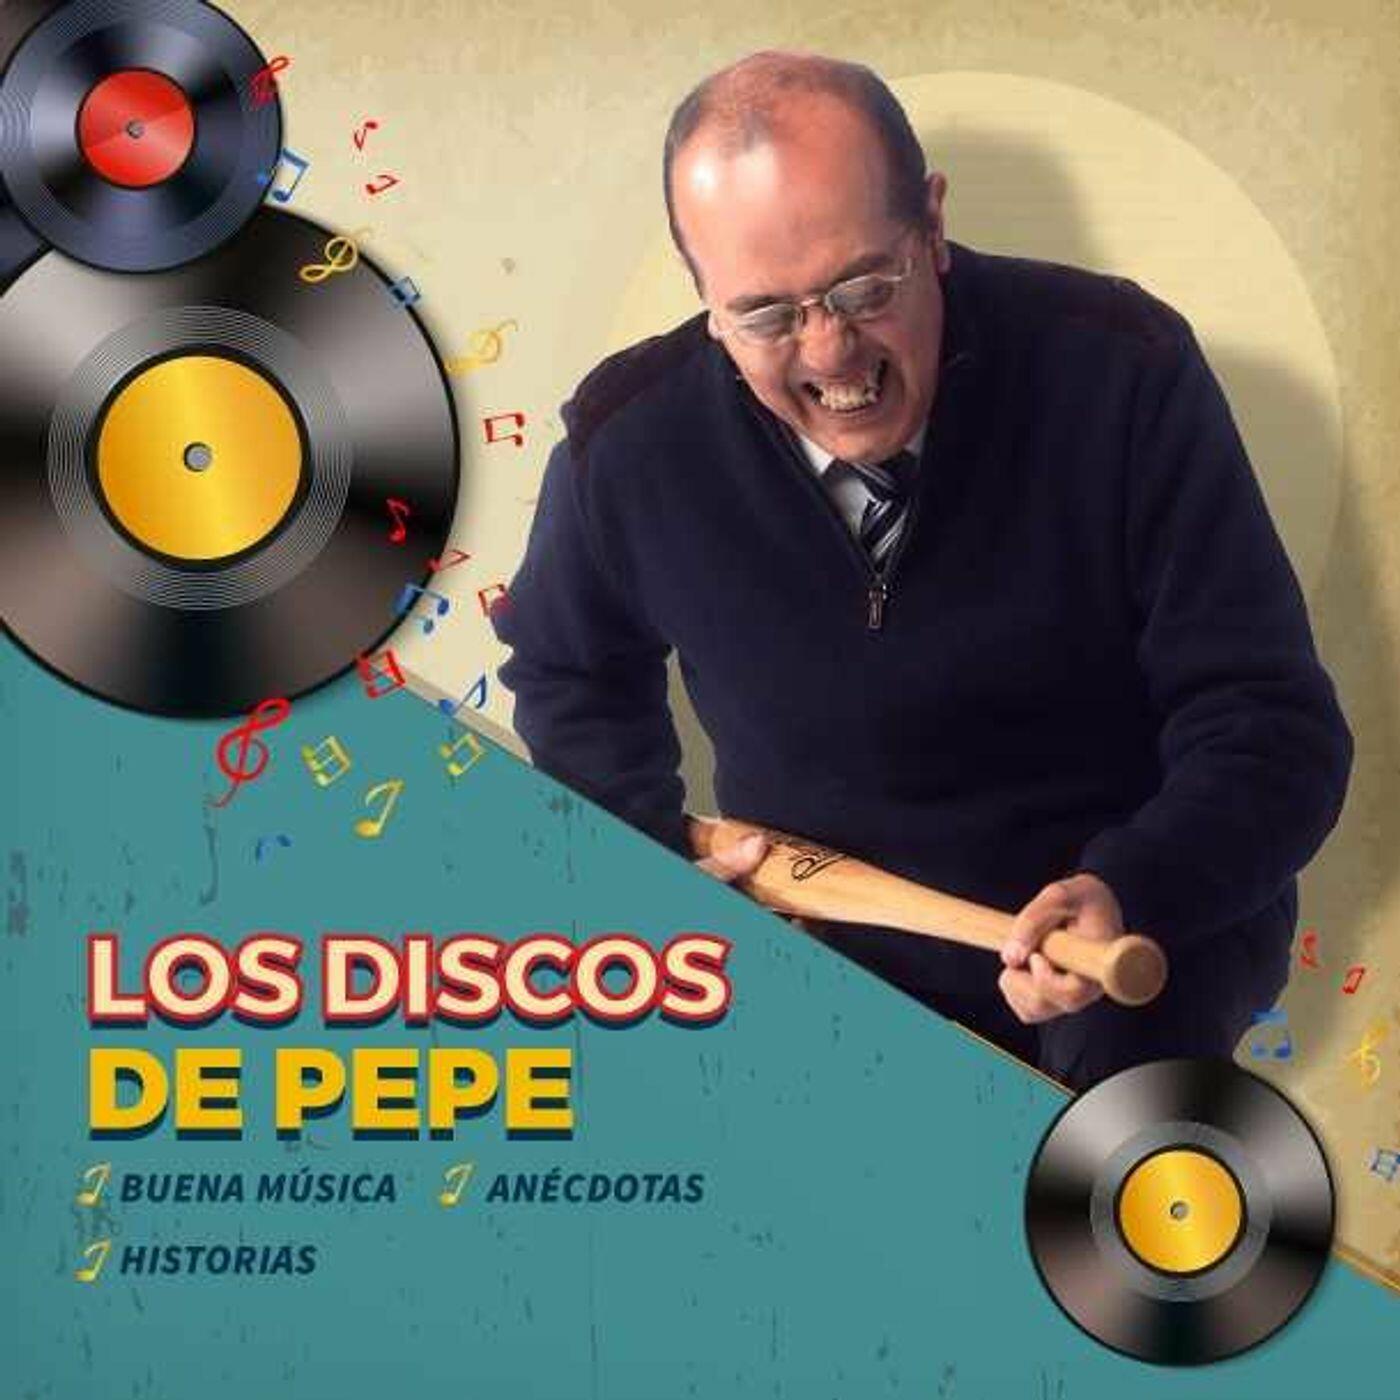 Los Discos de Pepe